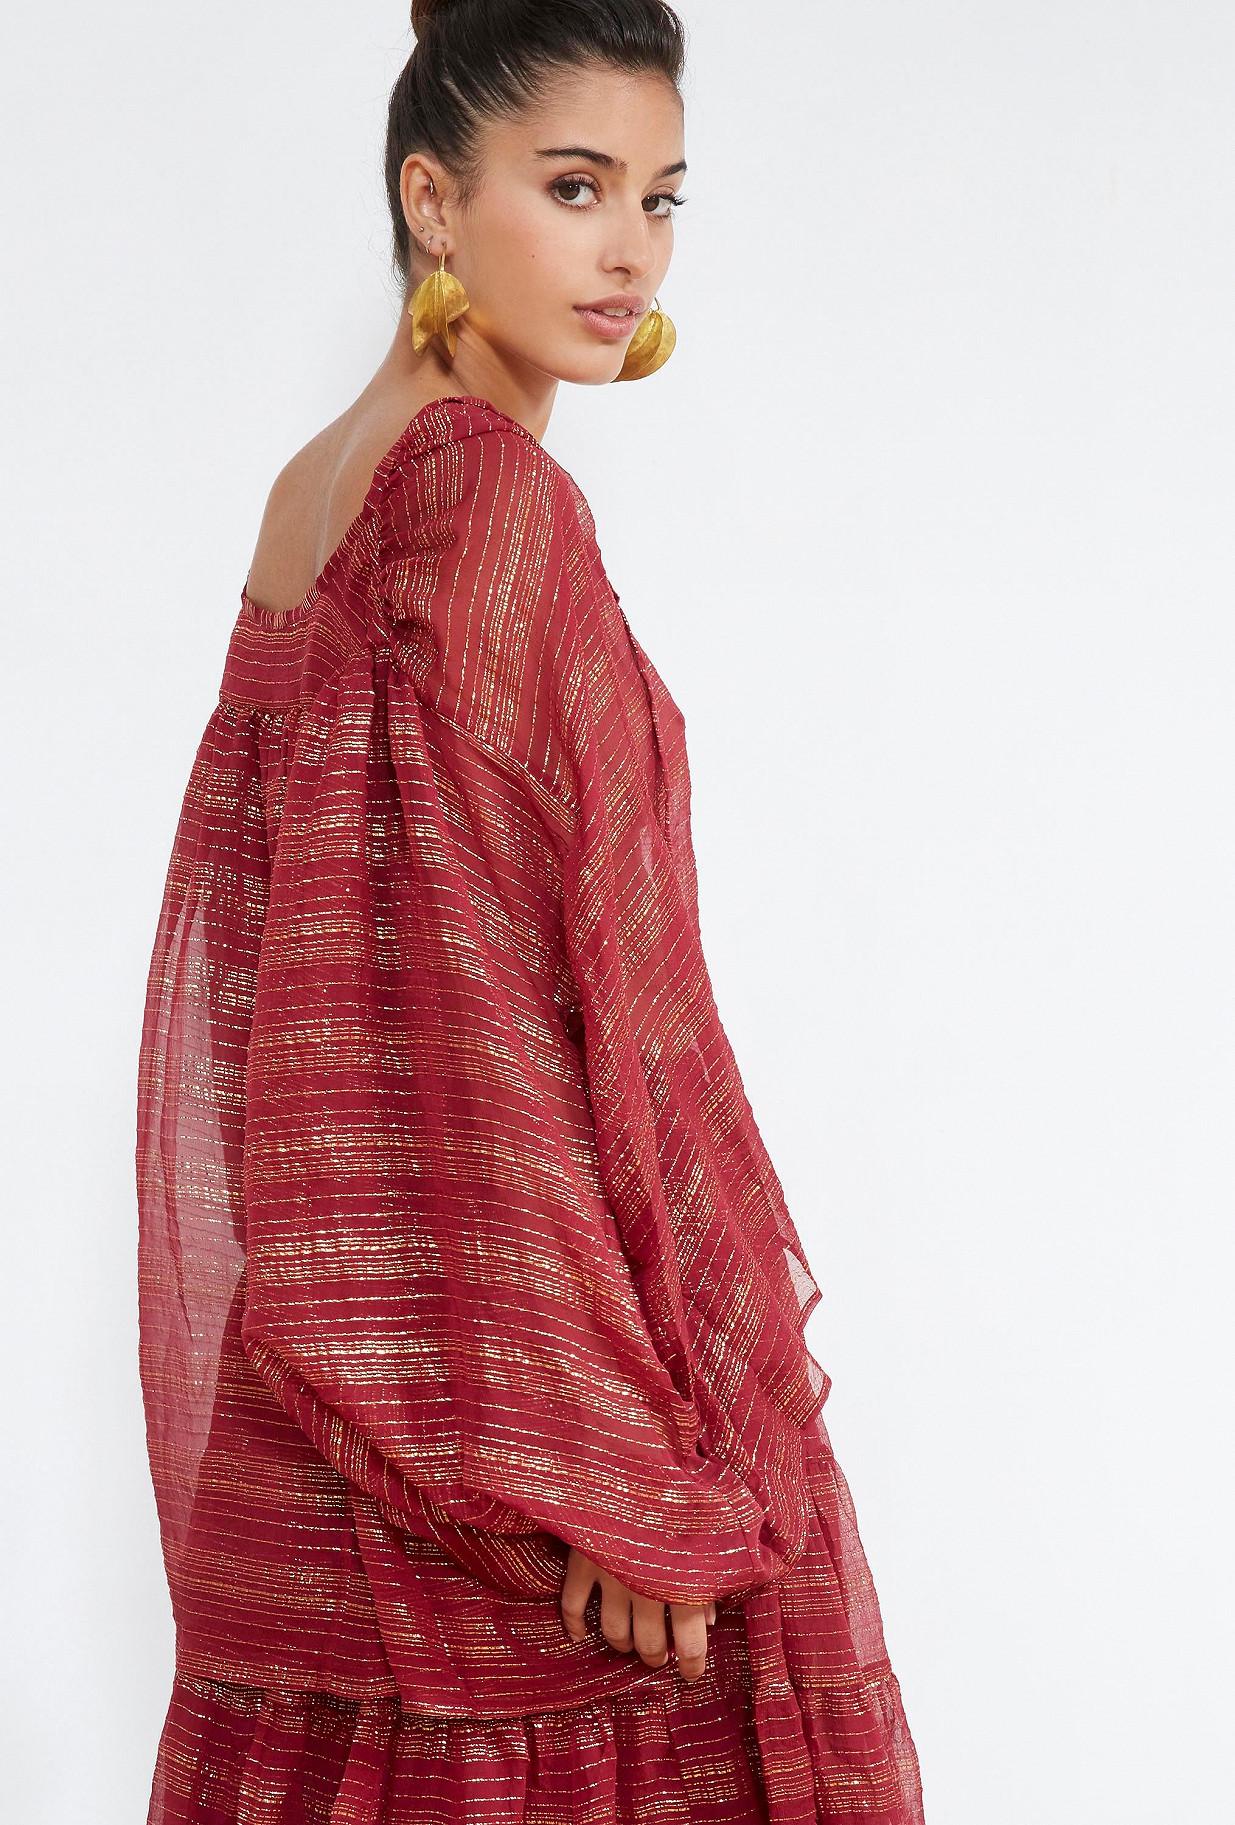 clothes store BLOUSE  Esteban french designer fashion Paris